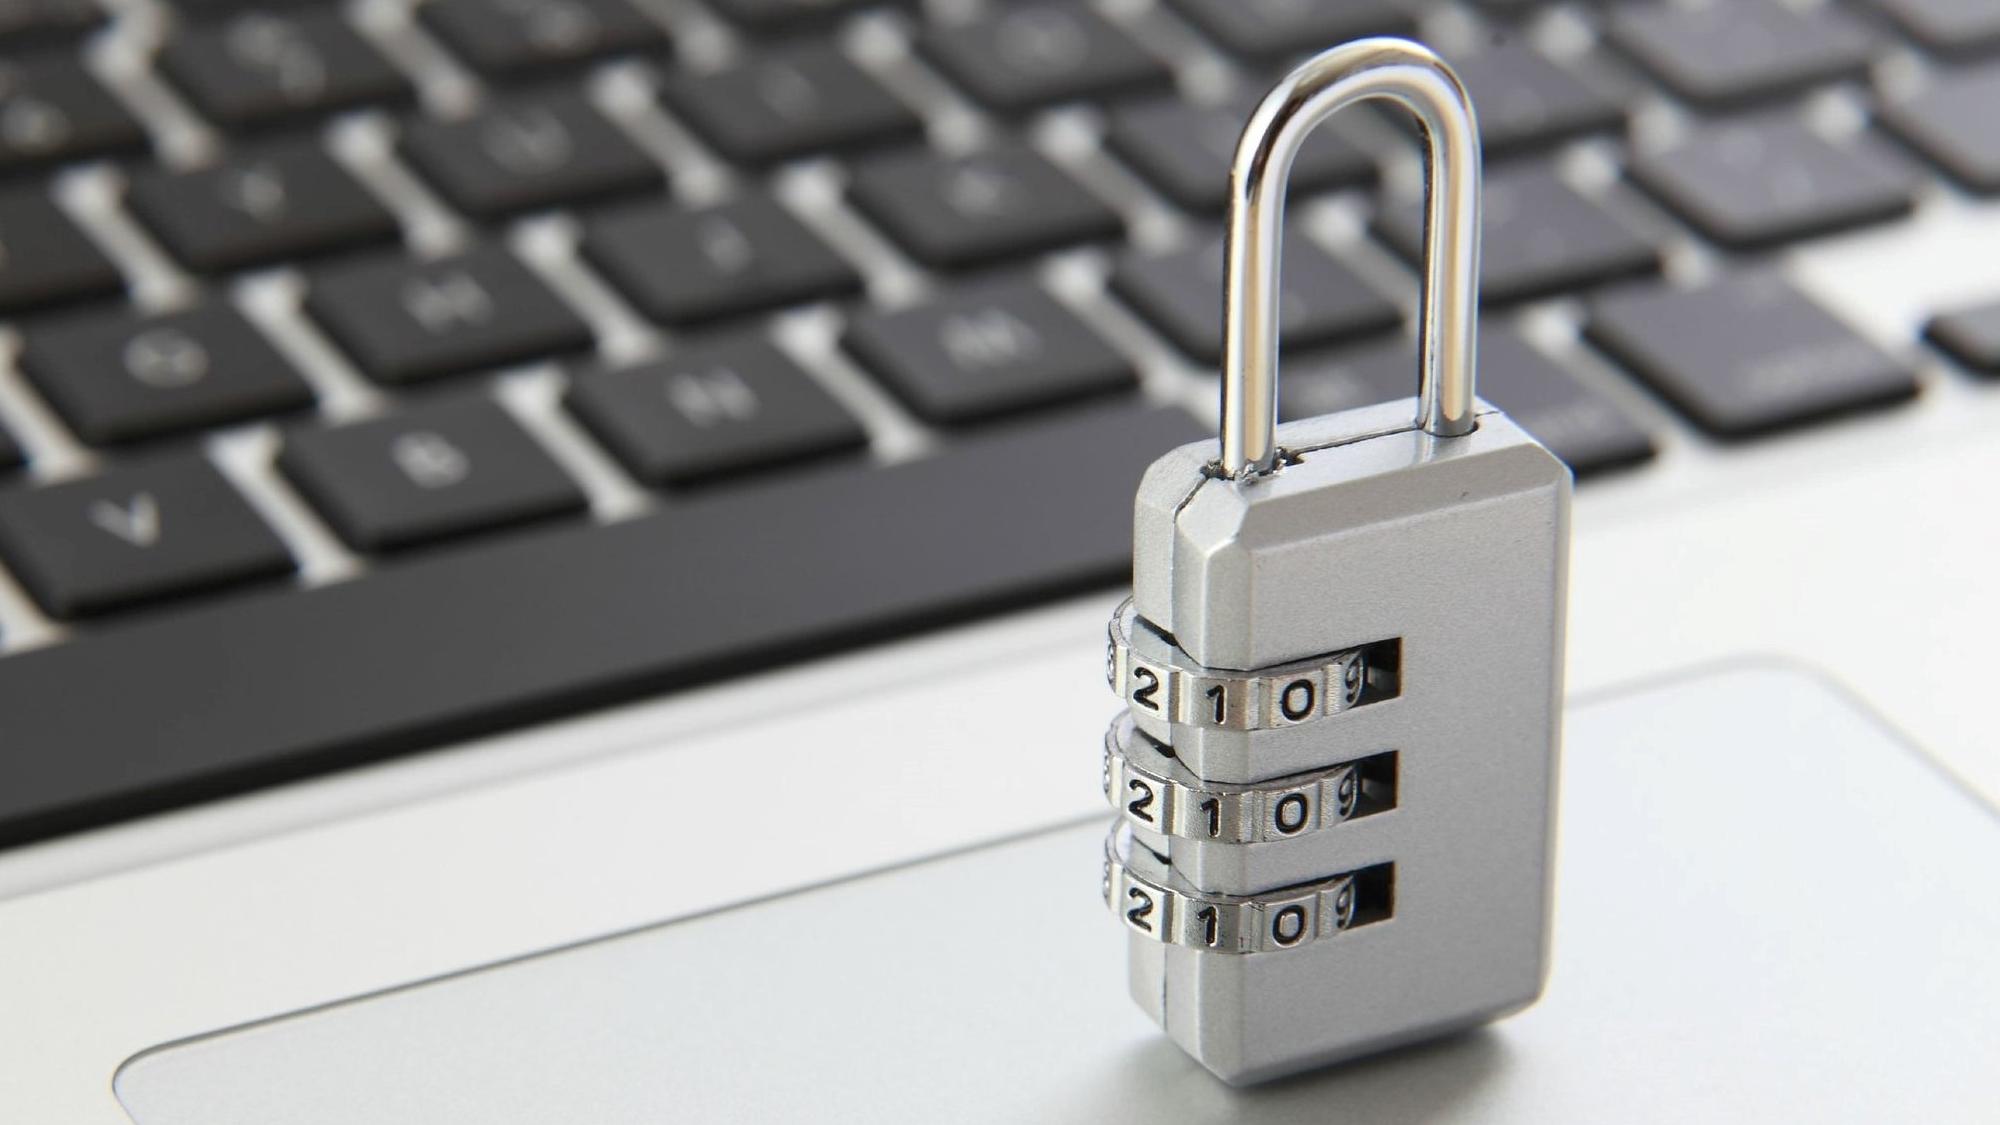 a padlock on laptop keyboard